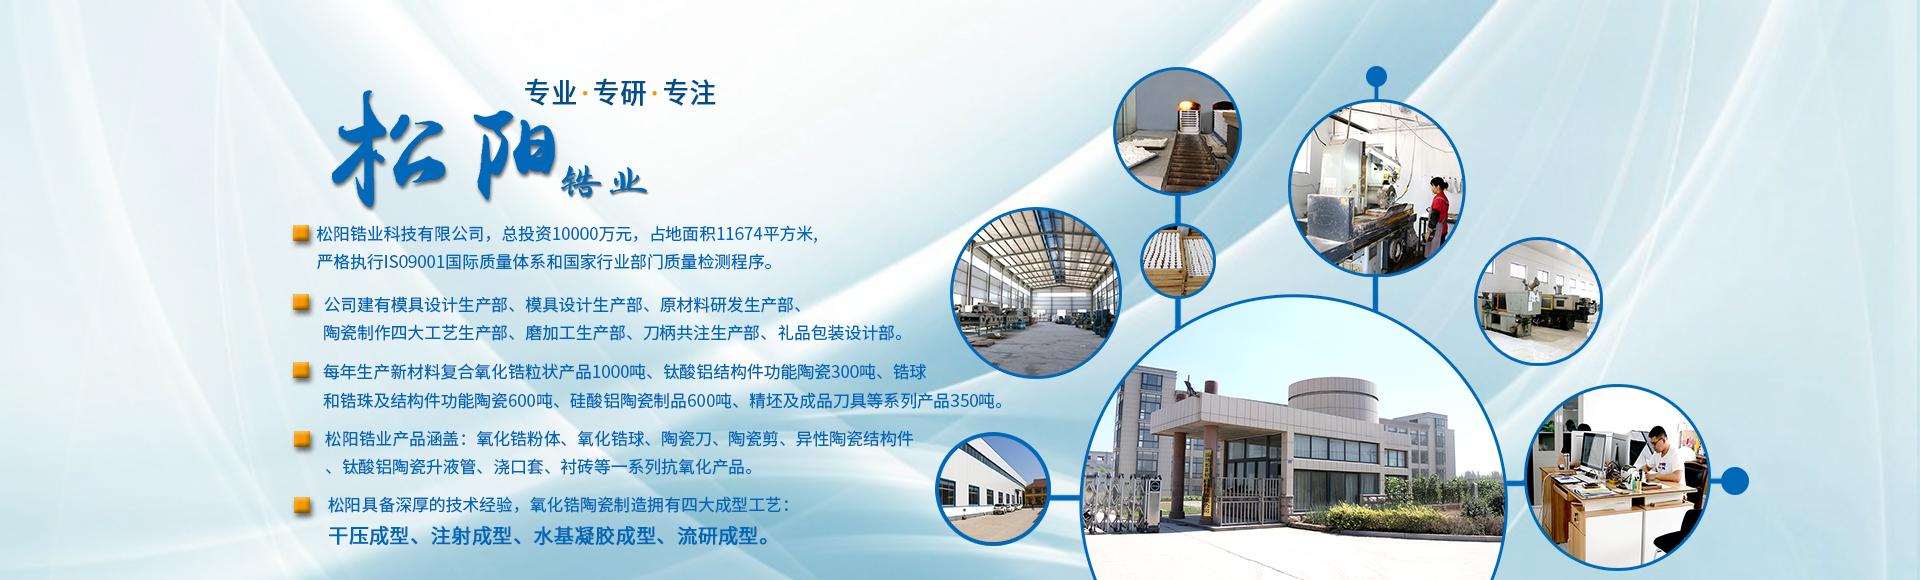 淄博松阳锆业科技有限公司